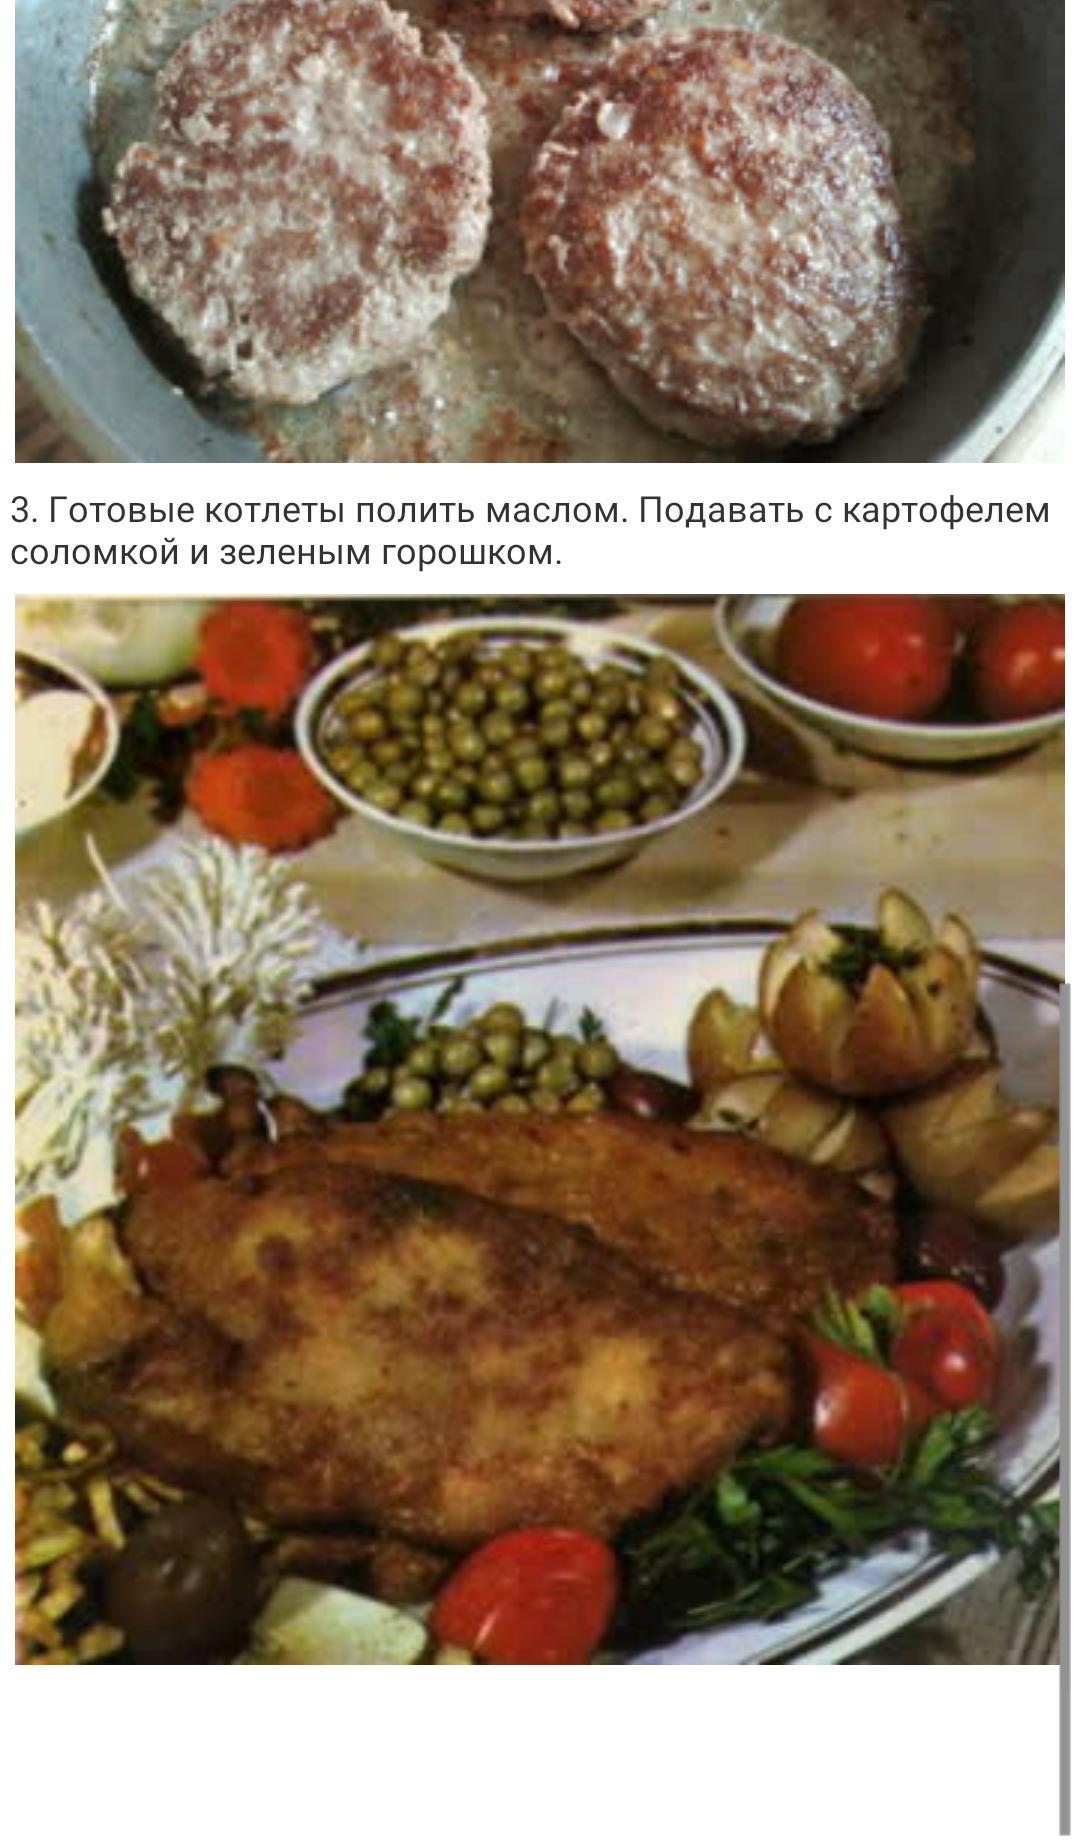 блюда советской кухни рецепты с фото ведь хотелось взойти